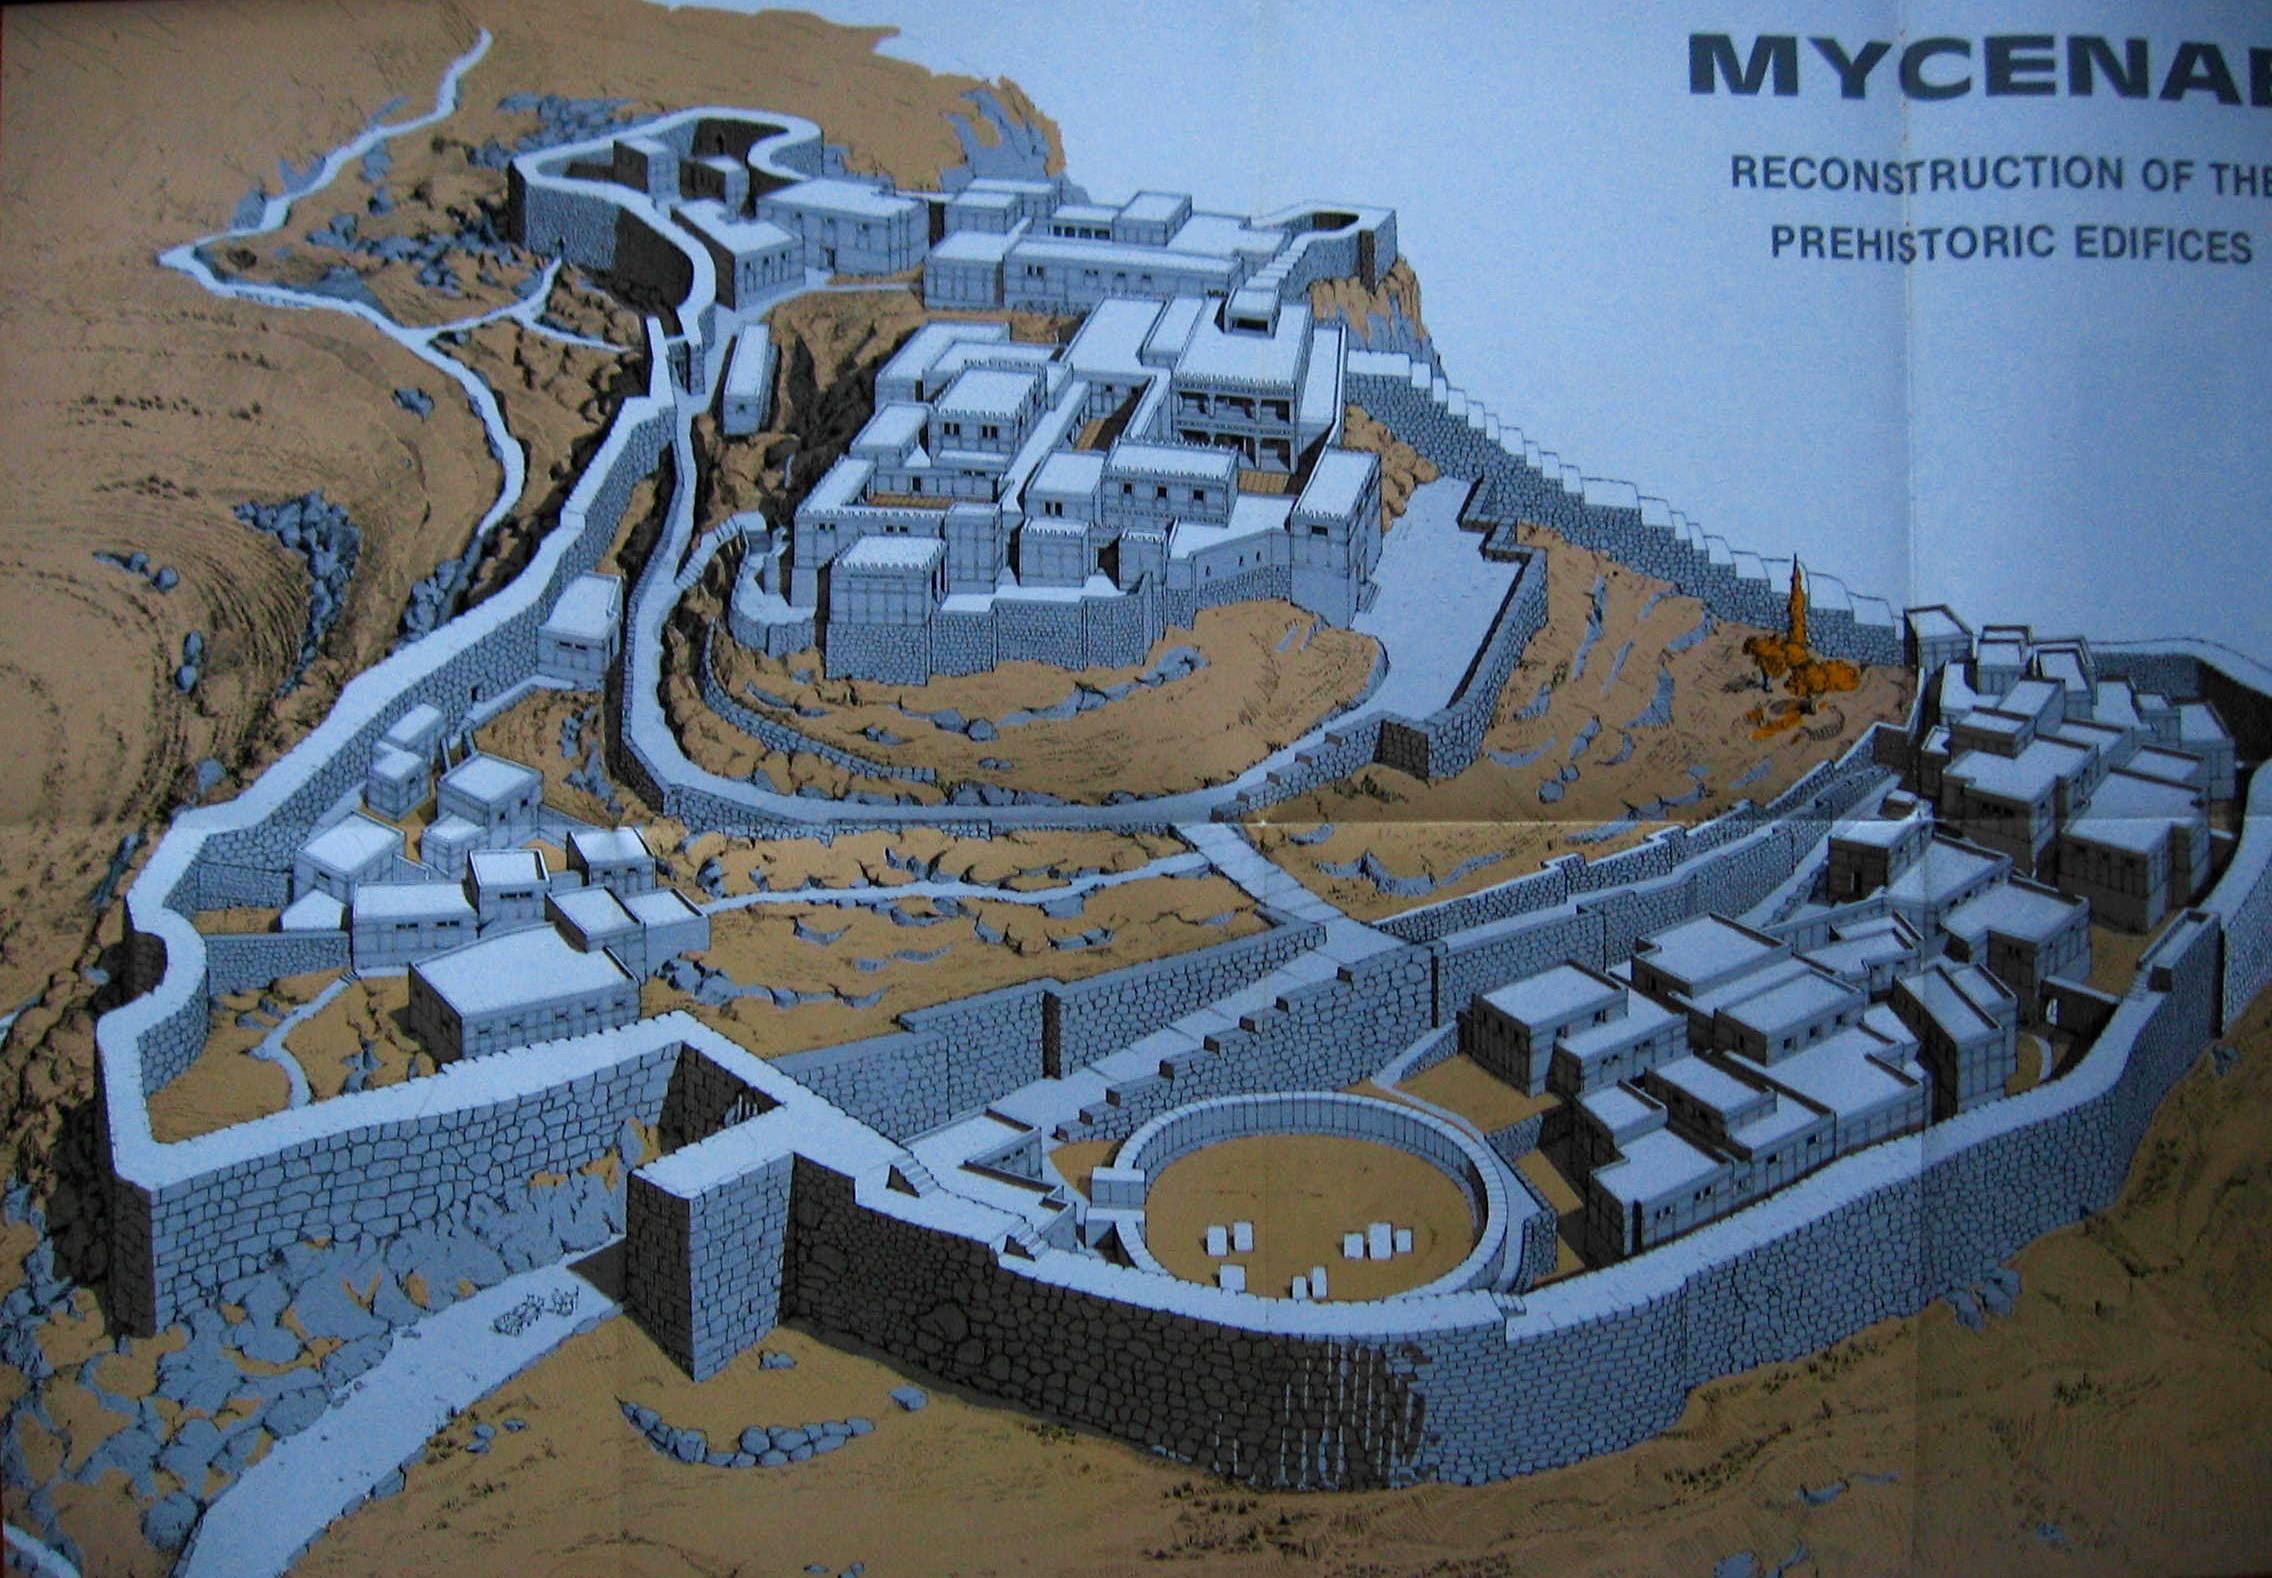 Mycenae map